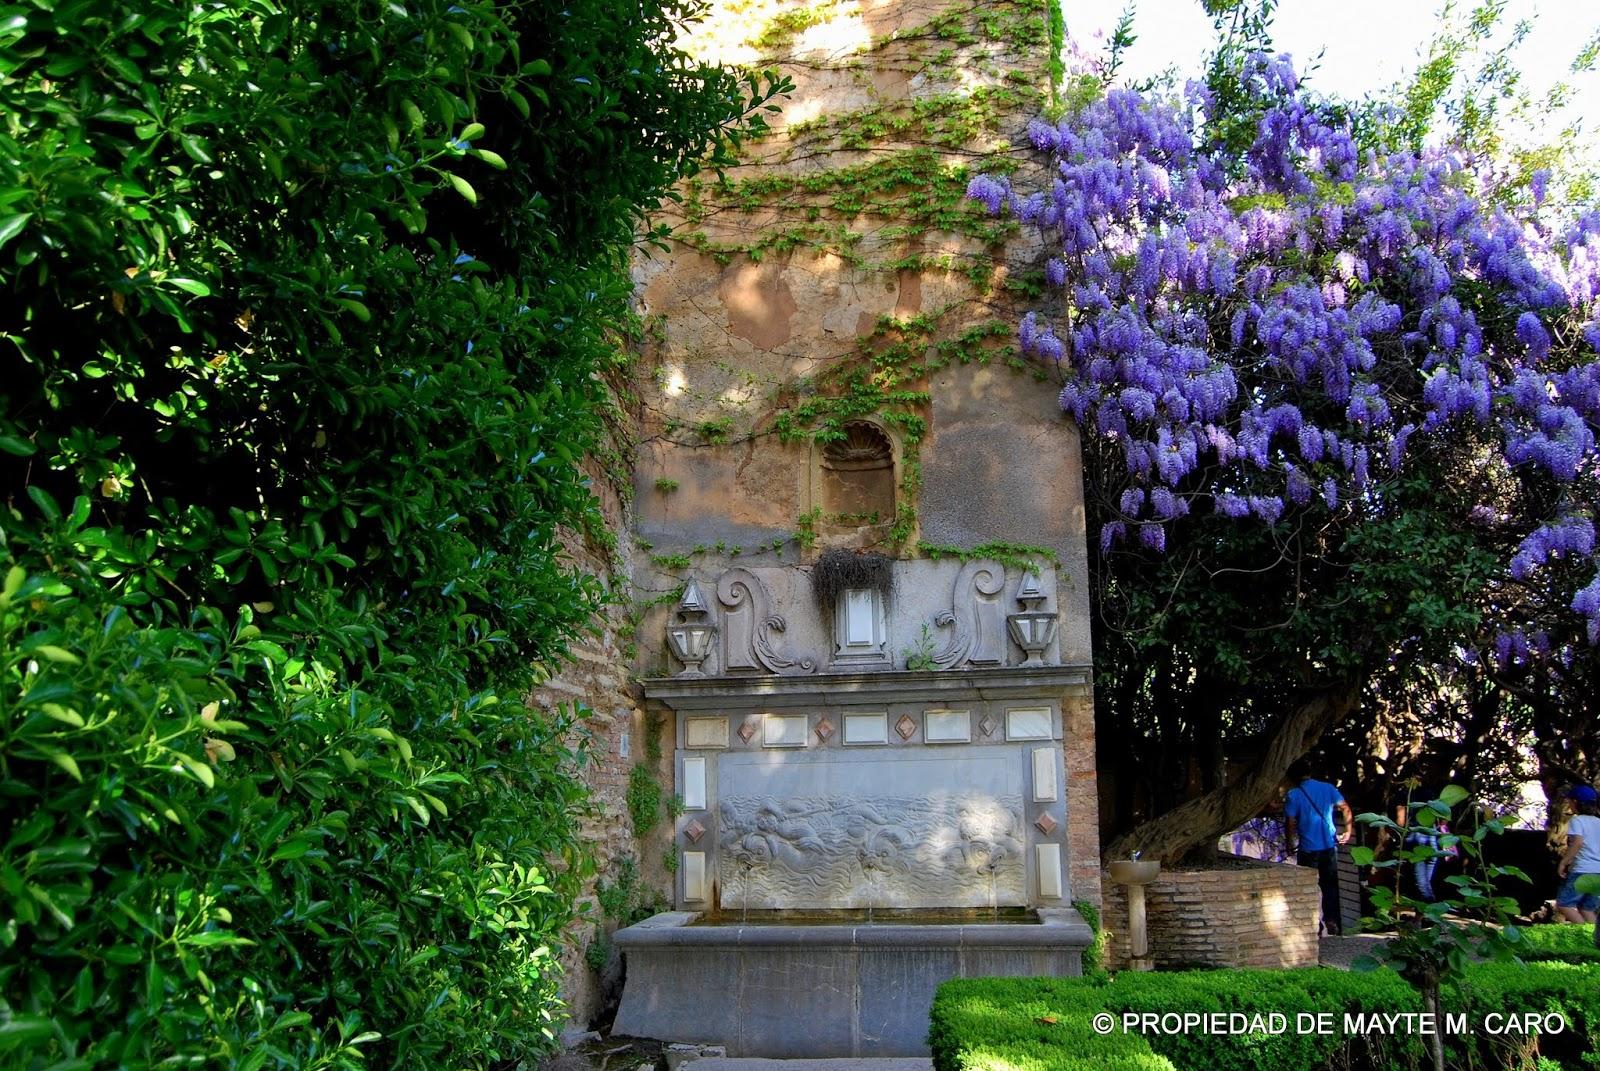 Fuentes de granada esta preciosa fuente fue construida en 1628 y realizada con piedra de sierra Villa jardin donde queda